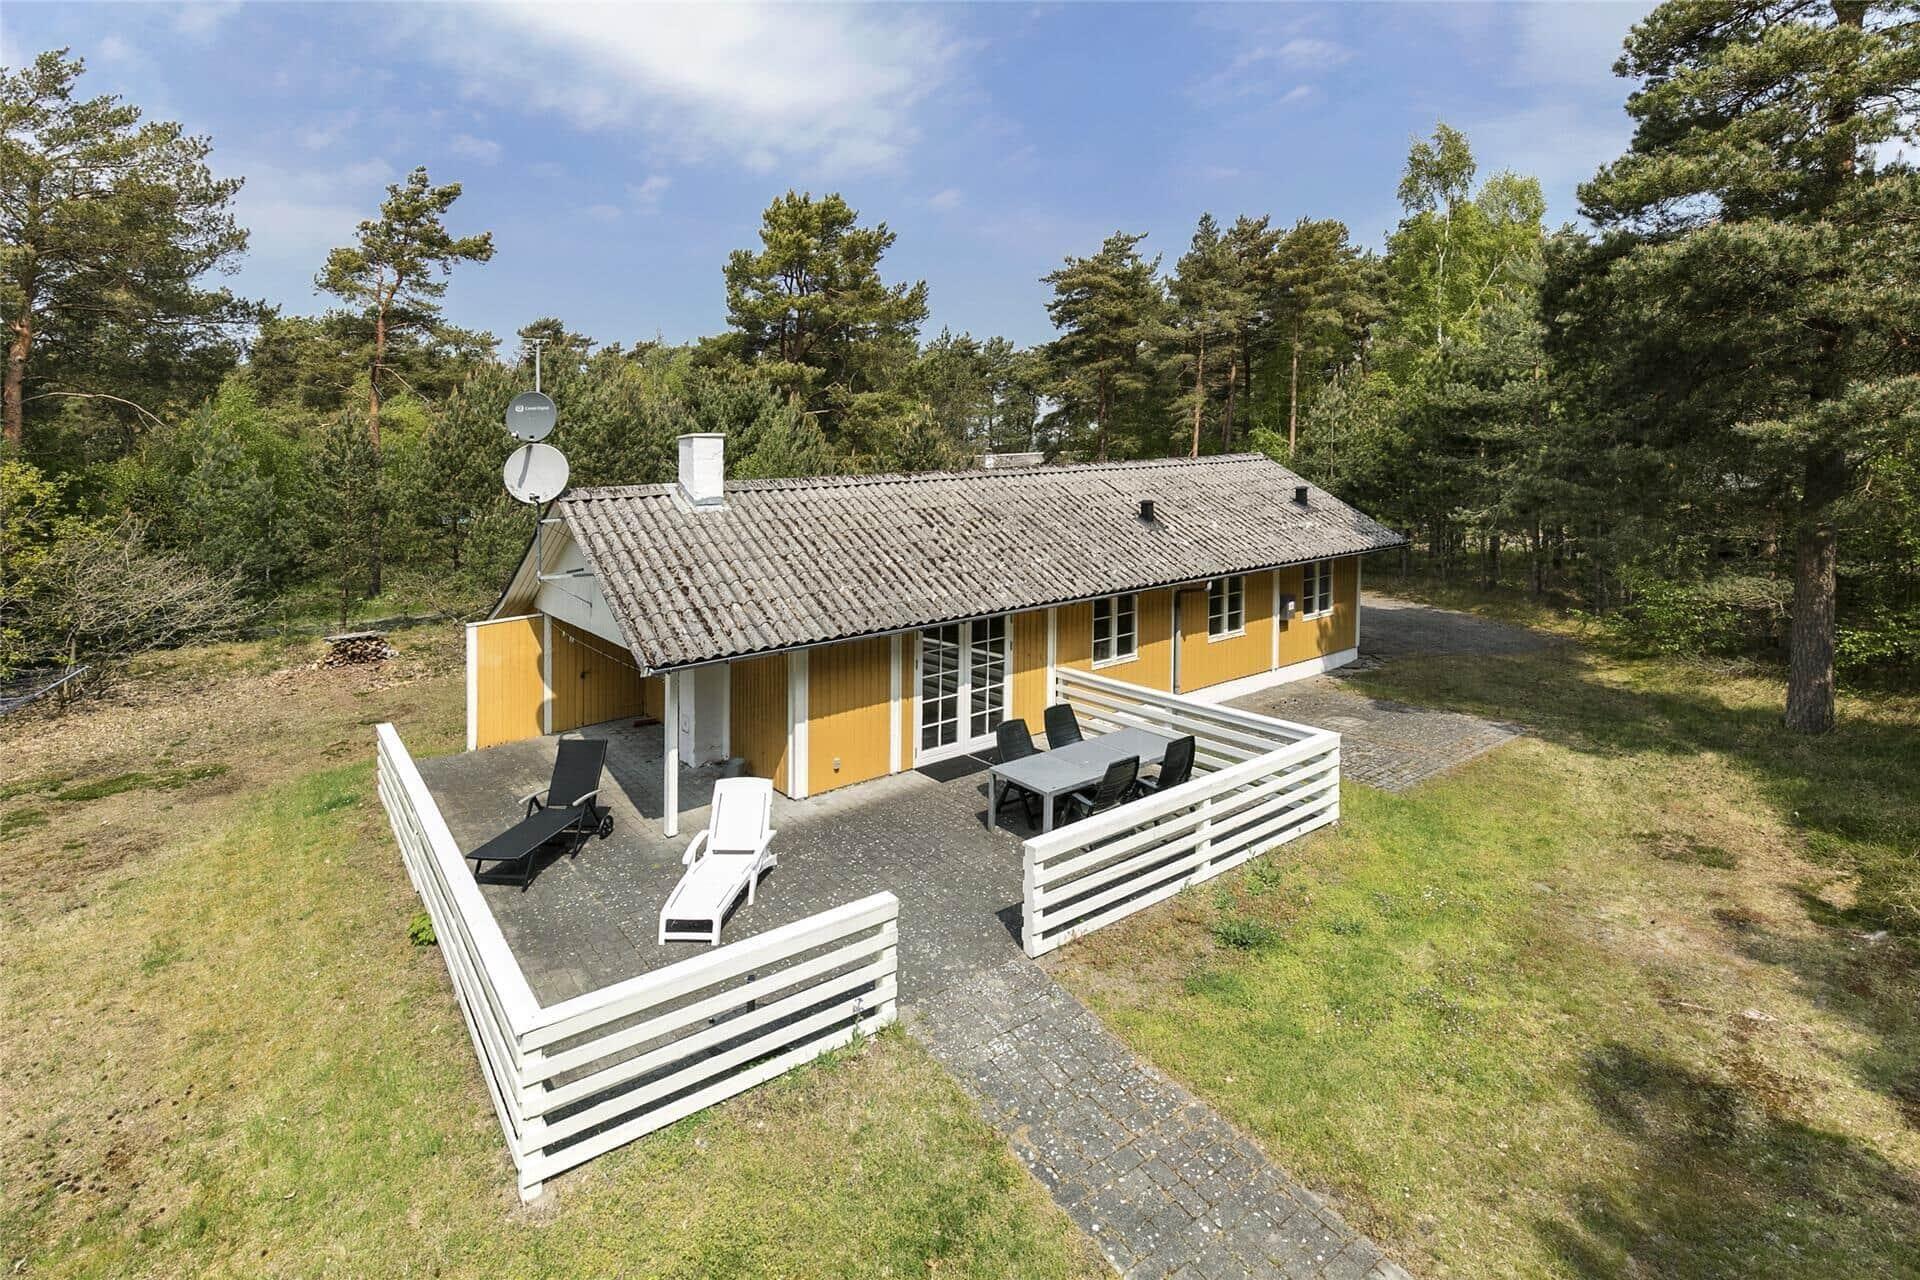 Billede 1-10 Sommerhus 1543, Fyrreskoven 18, DK - 3720 Aakirkeby